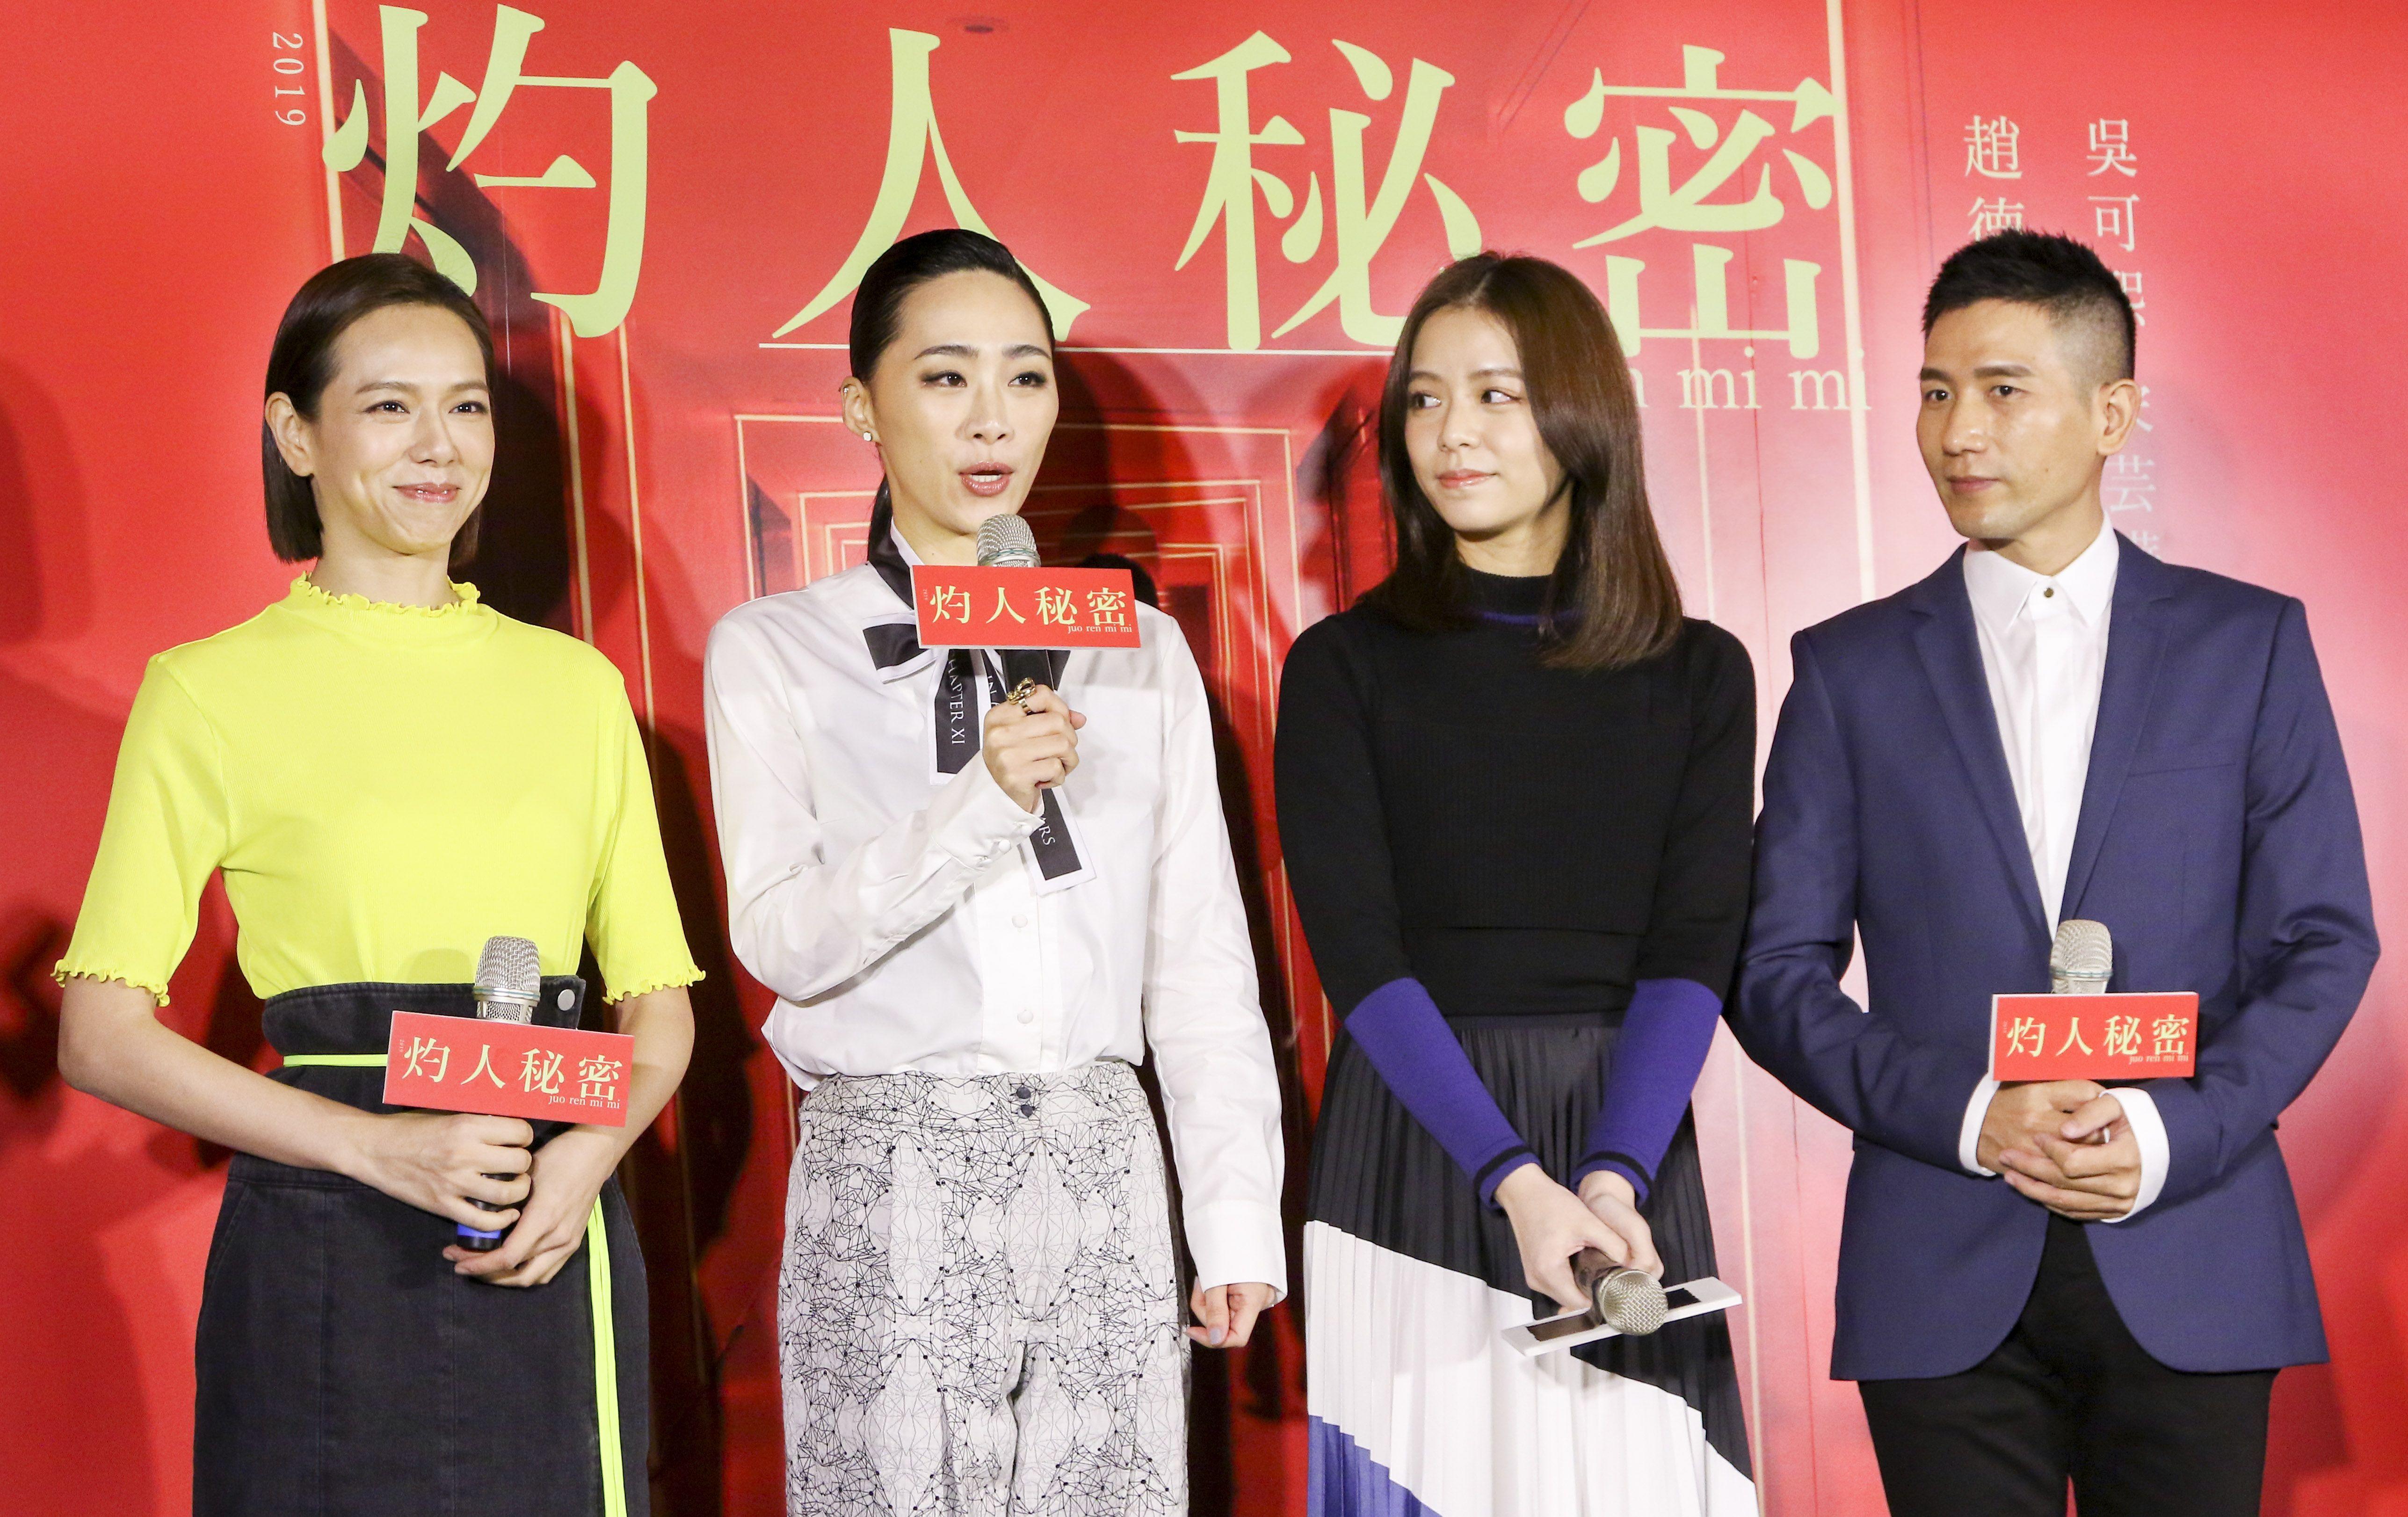 「灼人秘密」殺青記者會主演夏于喬、吳可熙、宋芸樺、導演趙德胤。(記者林士傑/攝影)